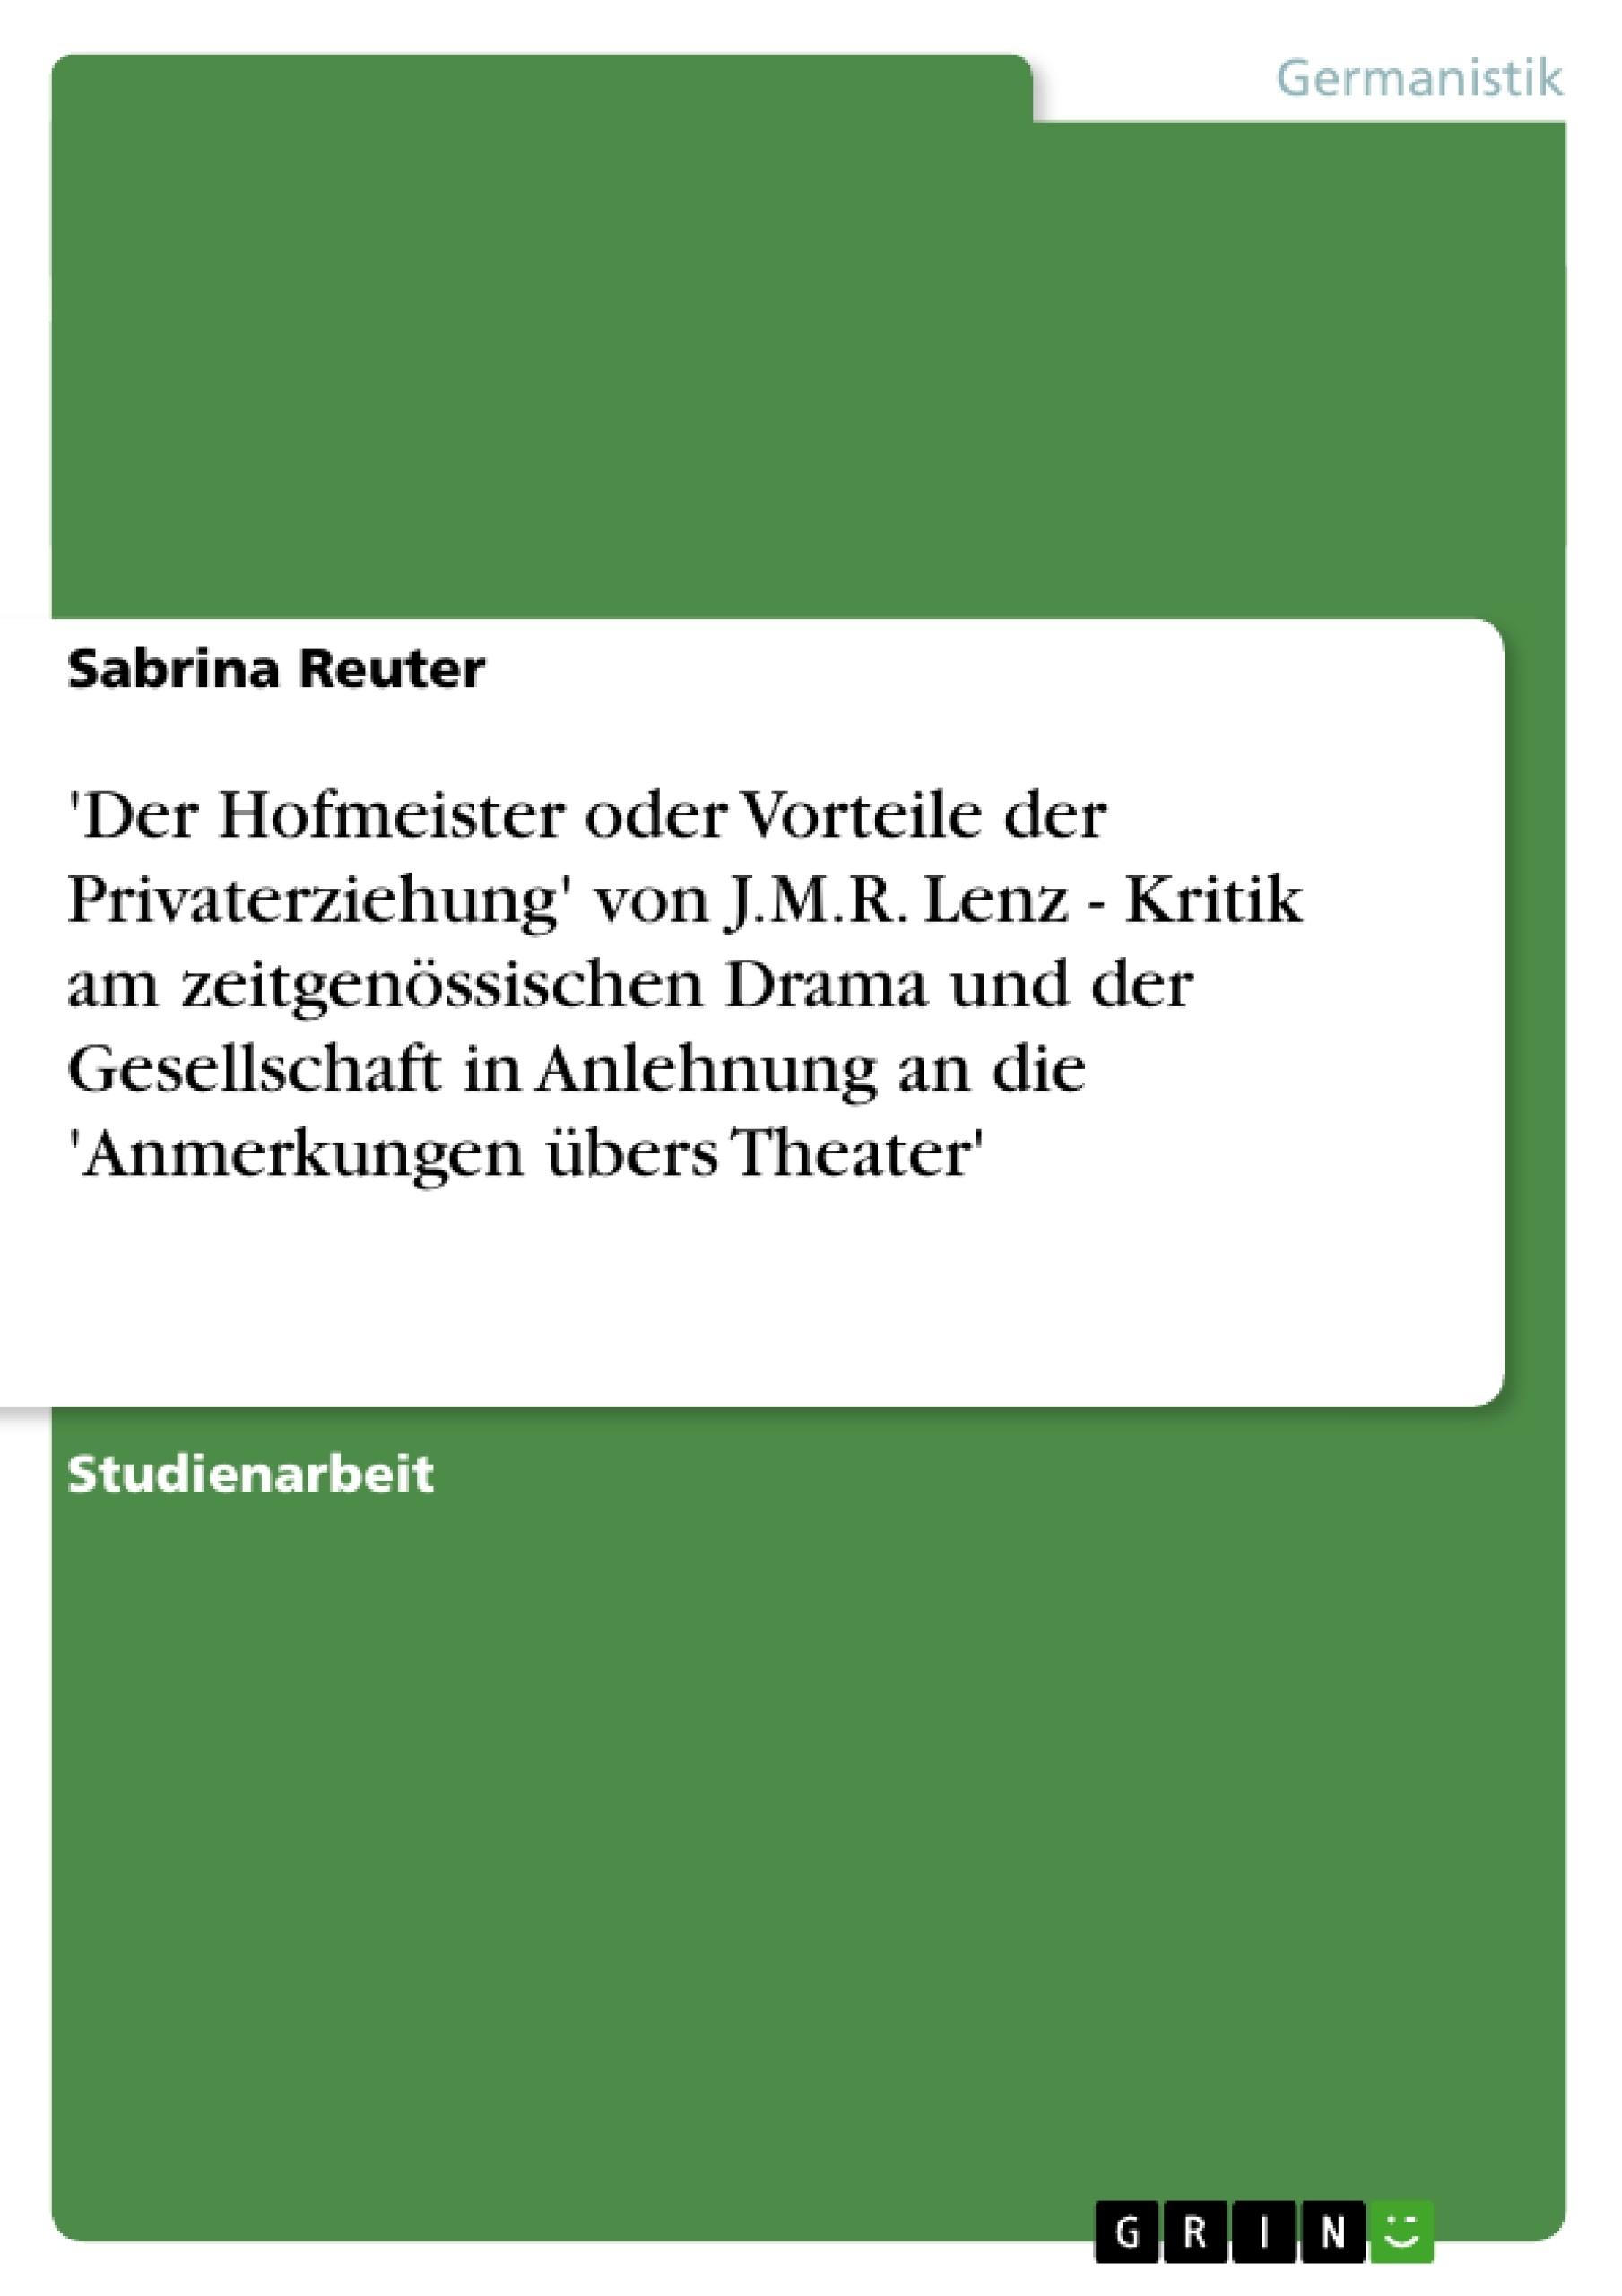 Titel: 'Der Hofmeister oder Vorteile der Privaterziehung' von J.M.R. Lenz - Kritik am zeitgenössischen Drama und der Gesellschaft in Anlehnung an die 'Anmerkungen übers Theater'